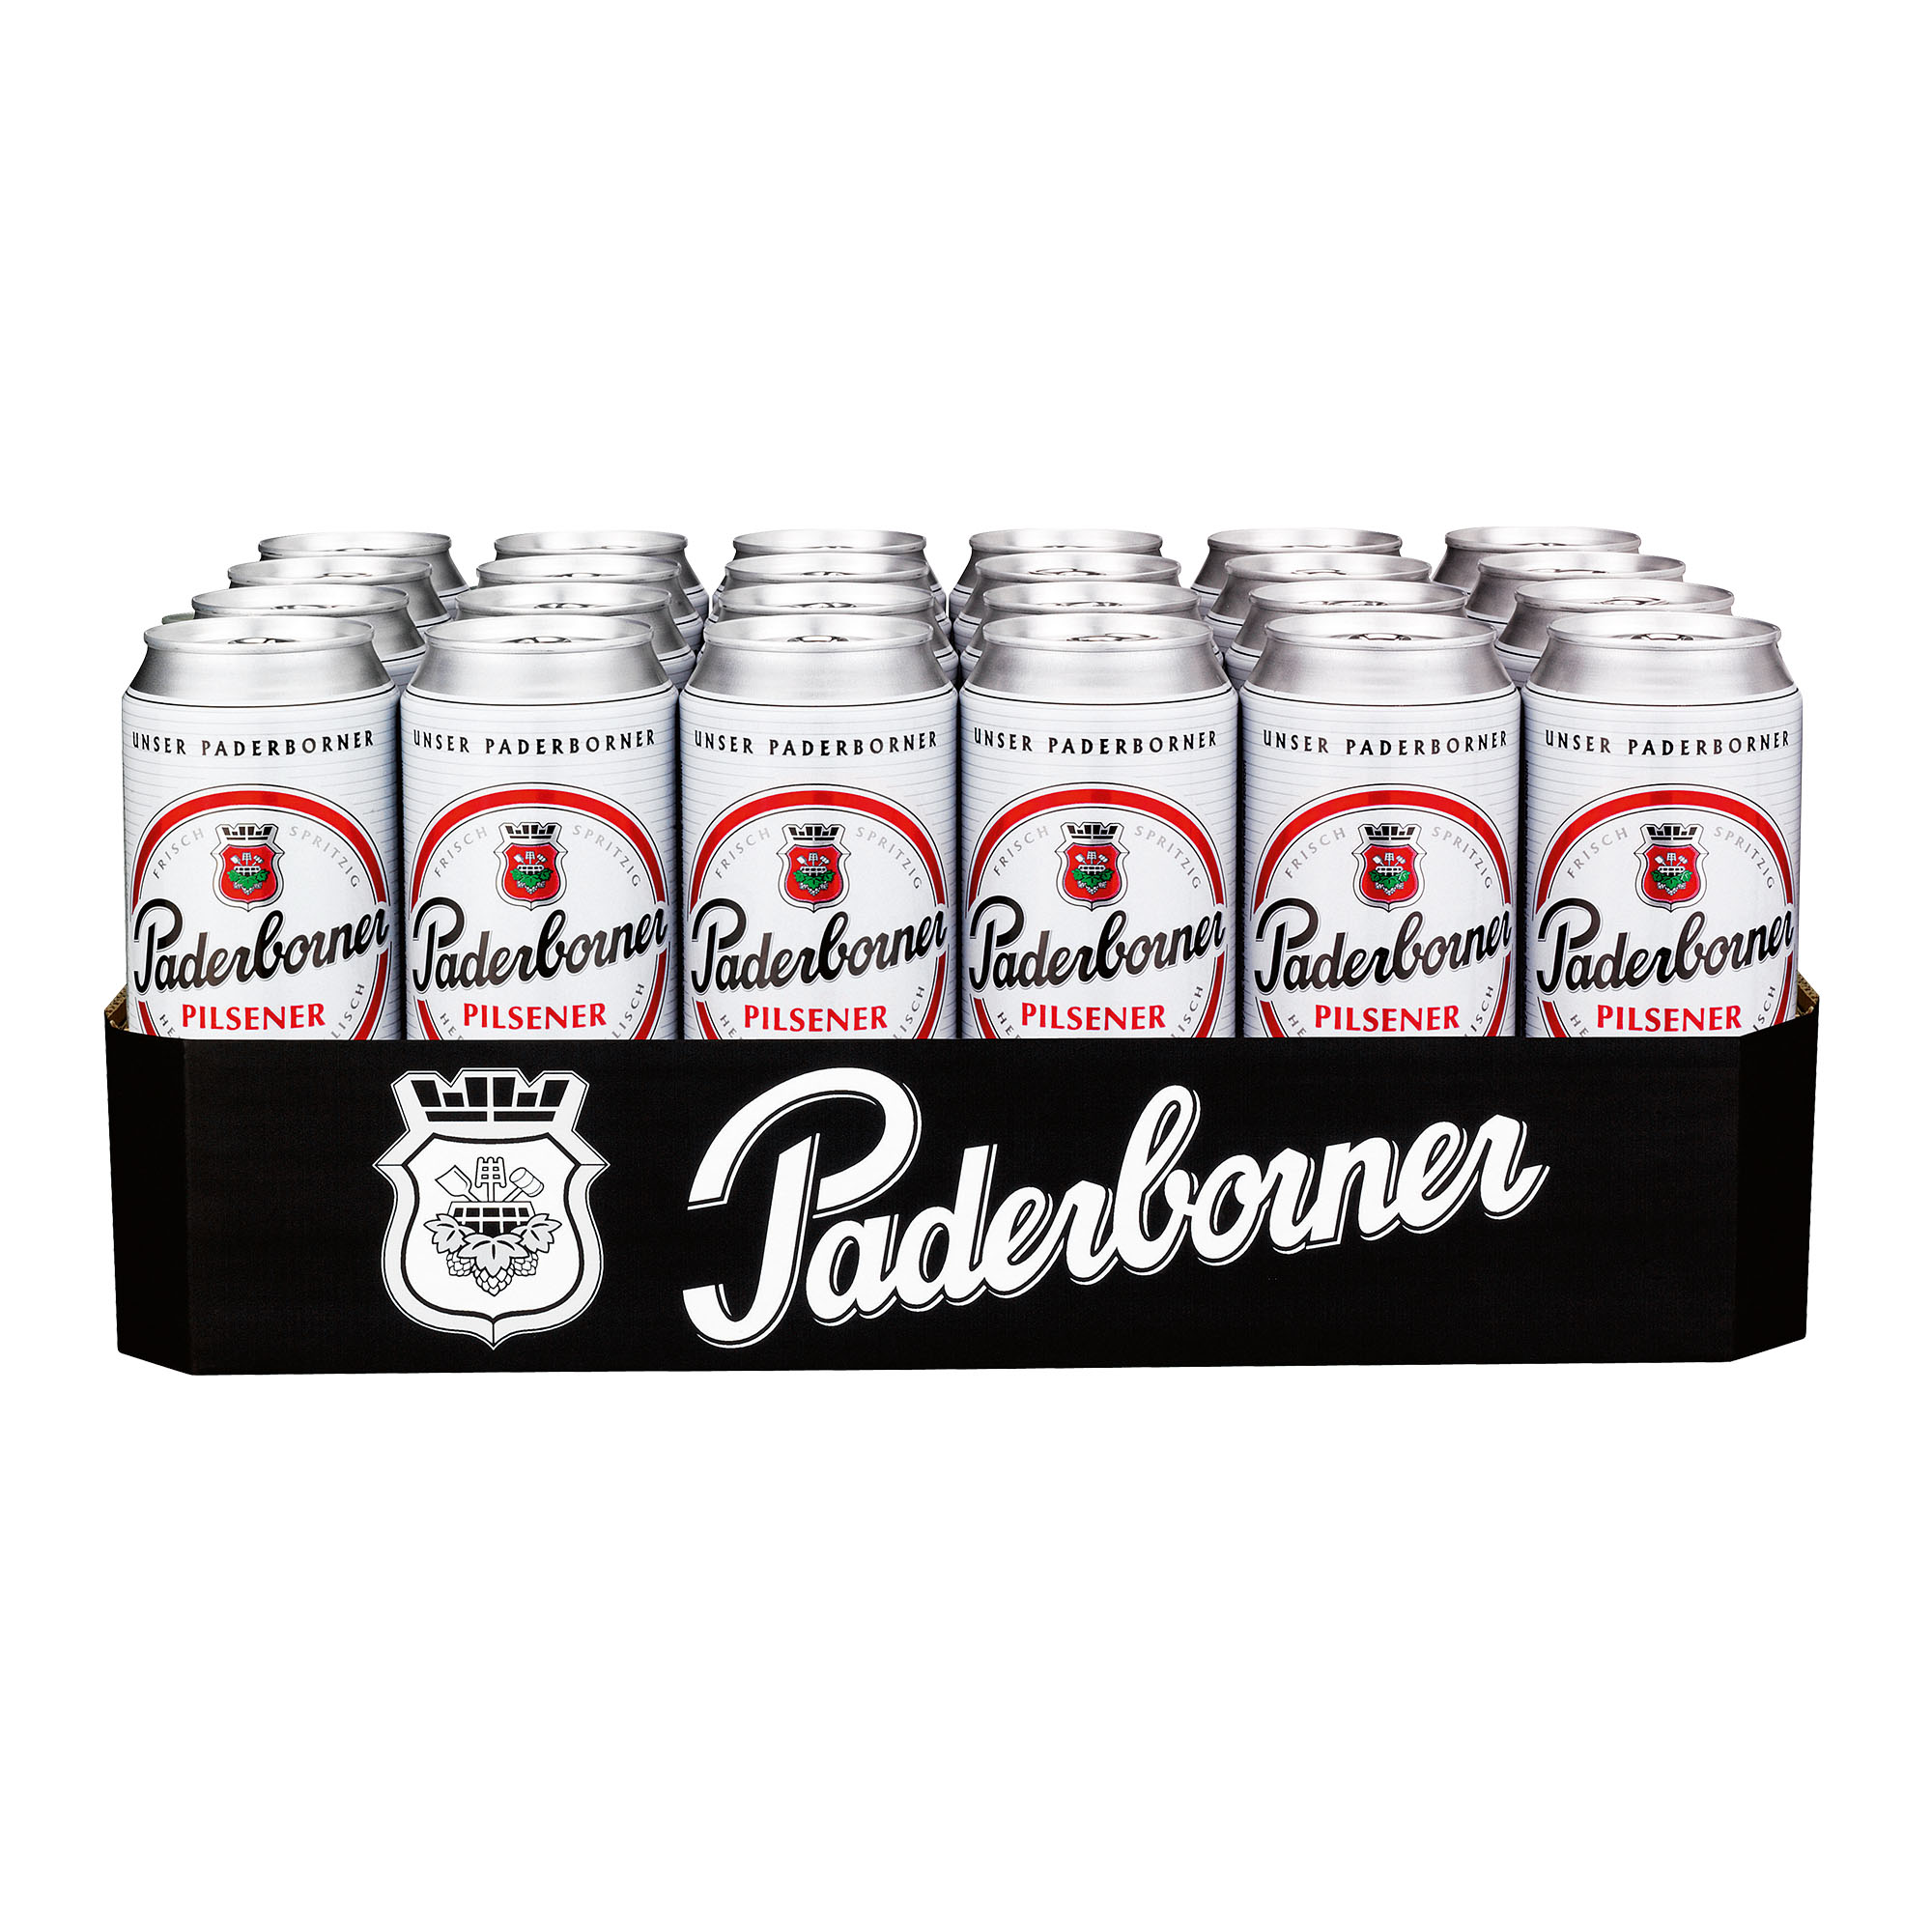 Produktabbildung Paderborner Dosentray 24 x 0,5 l